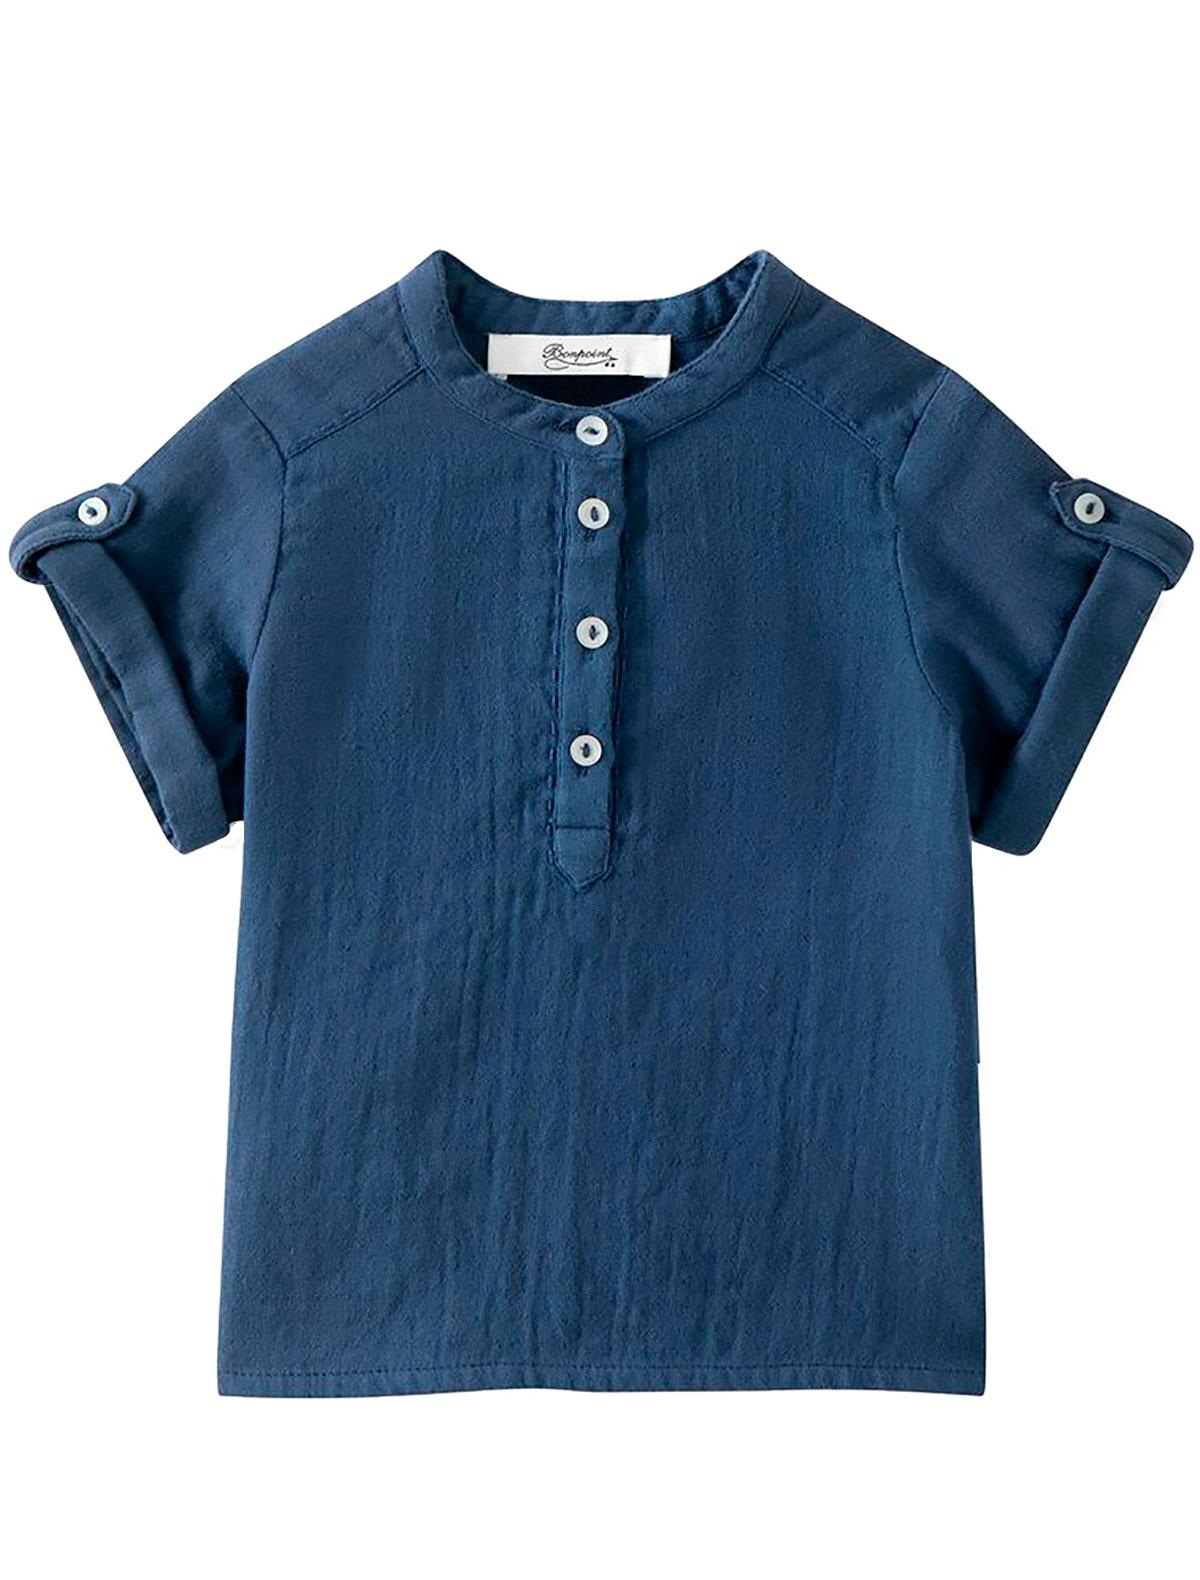 Купить 2306860, Рубашка Bonpoint, синий, Мужской, 1014519173611